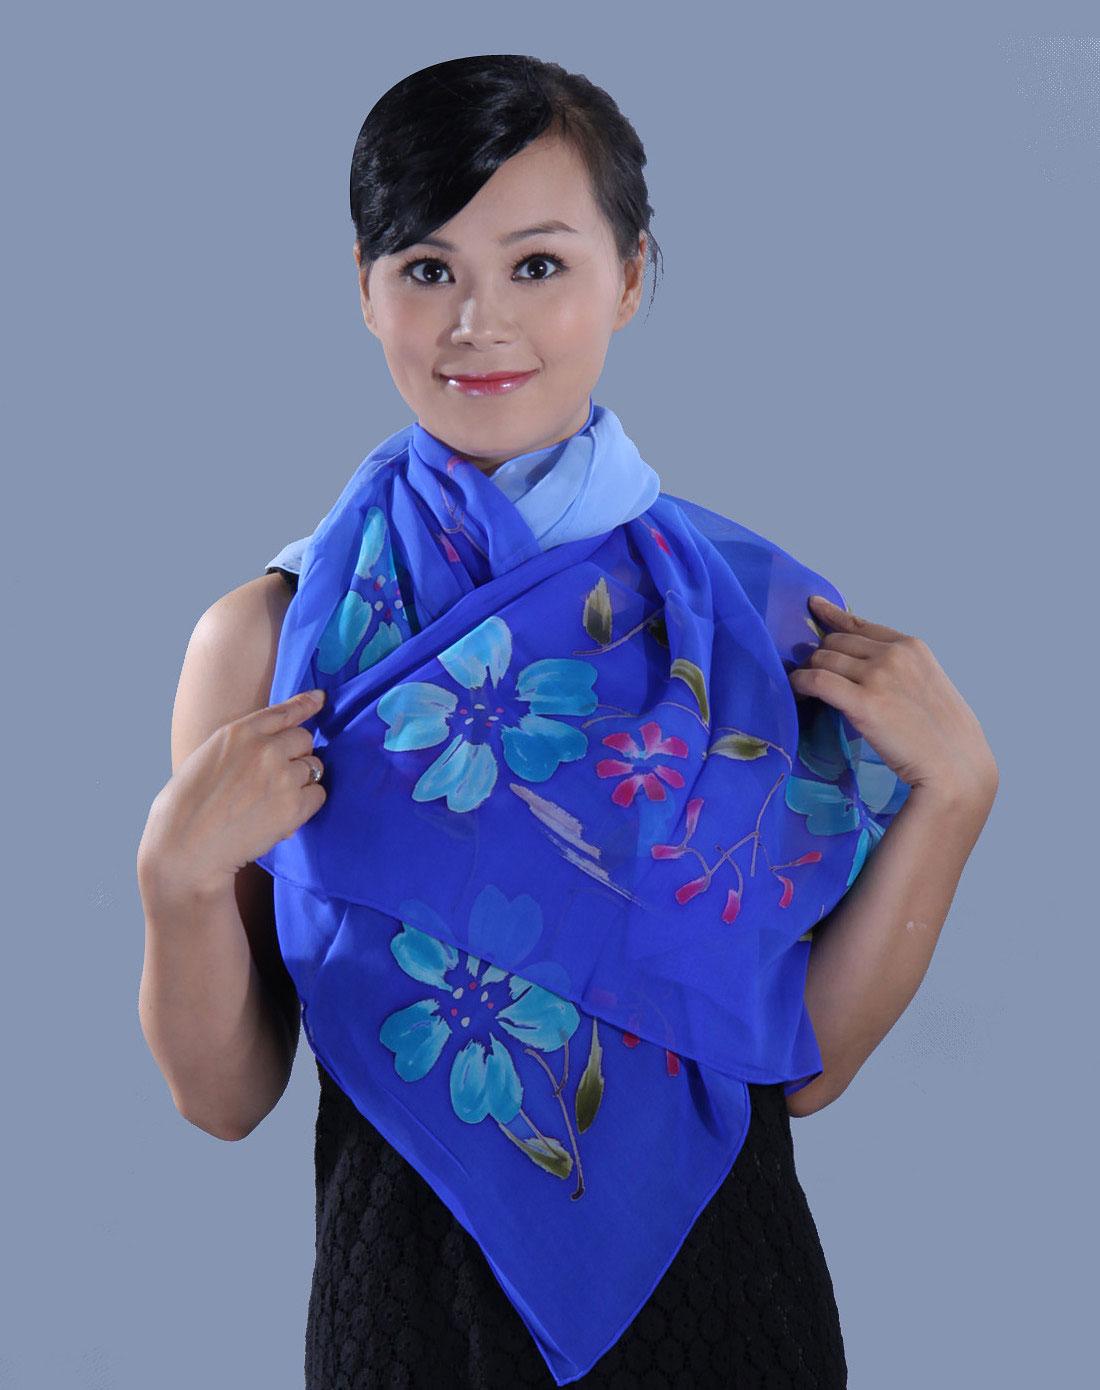 工作服长条丝巾的系法图解